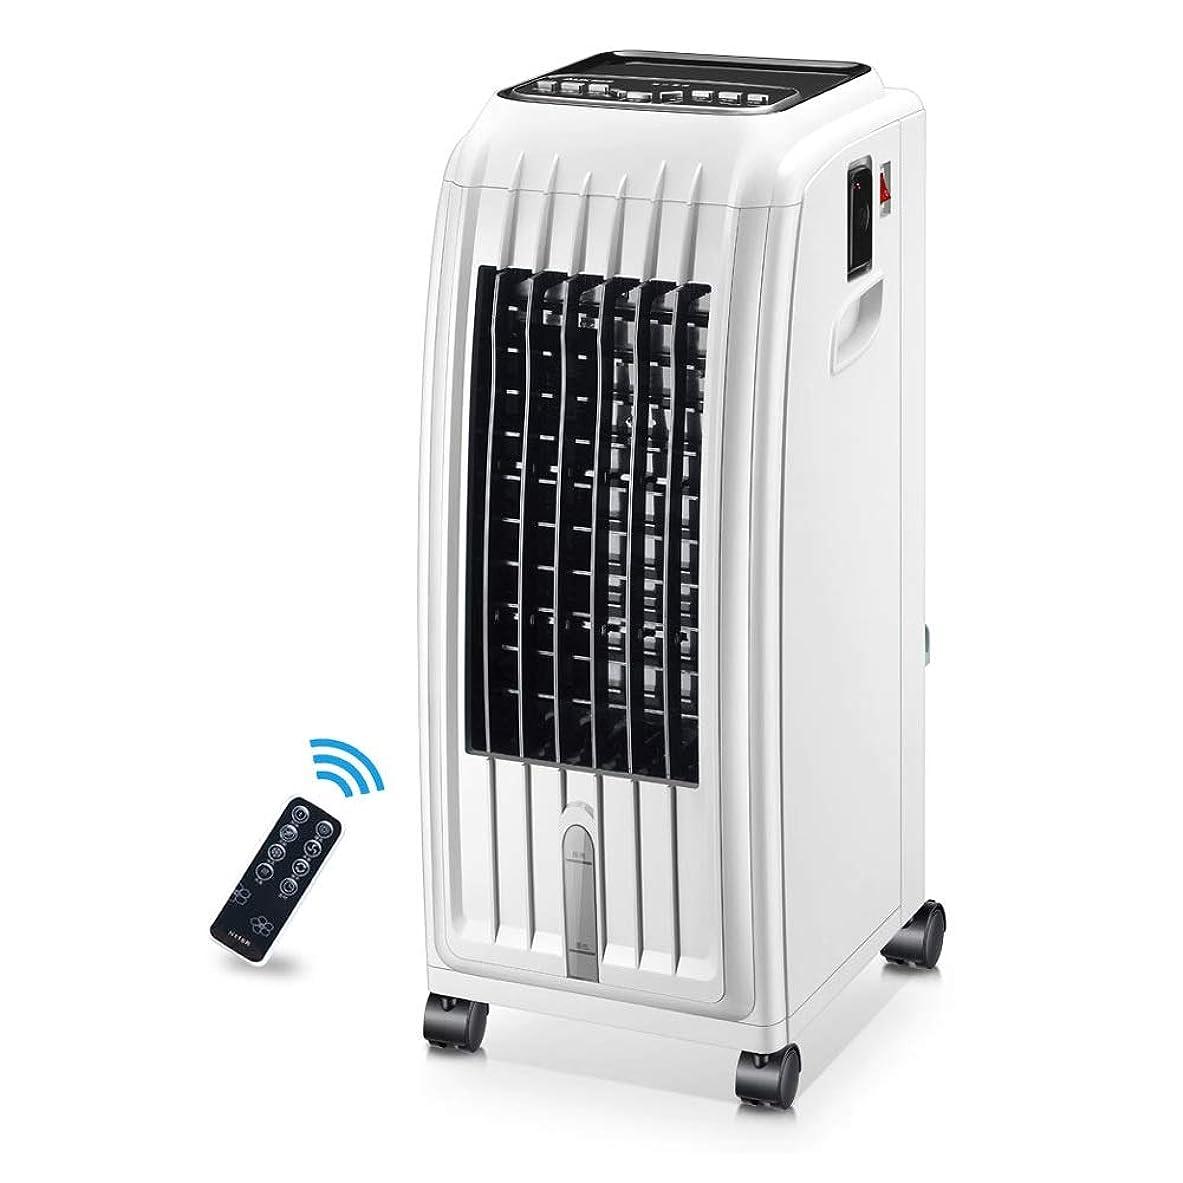 ピーブ大陸にLPD-冷風機 夏冷房ファン暖房?冷房兼用モバイルエアコンフロアスタンド加湿浄化用冷蔵庫